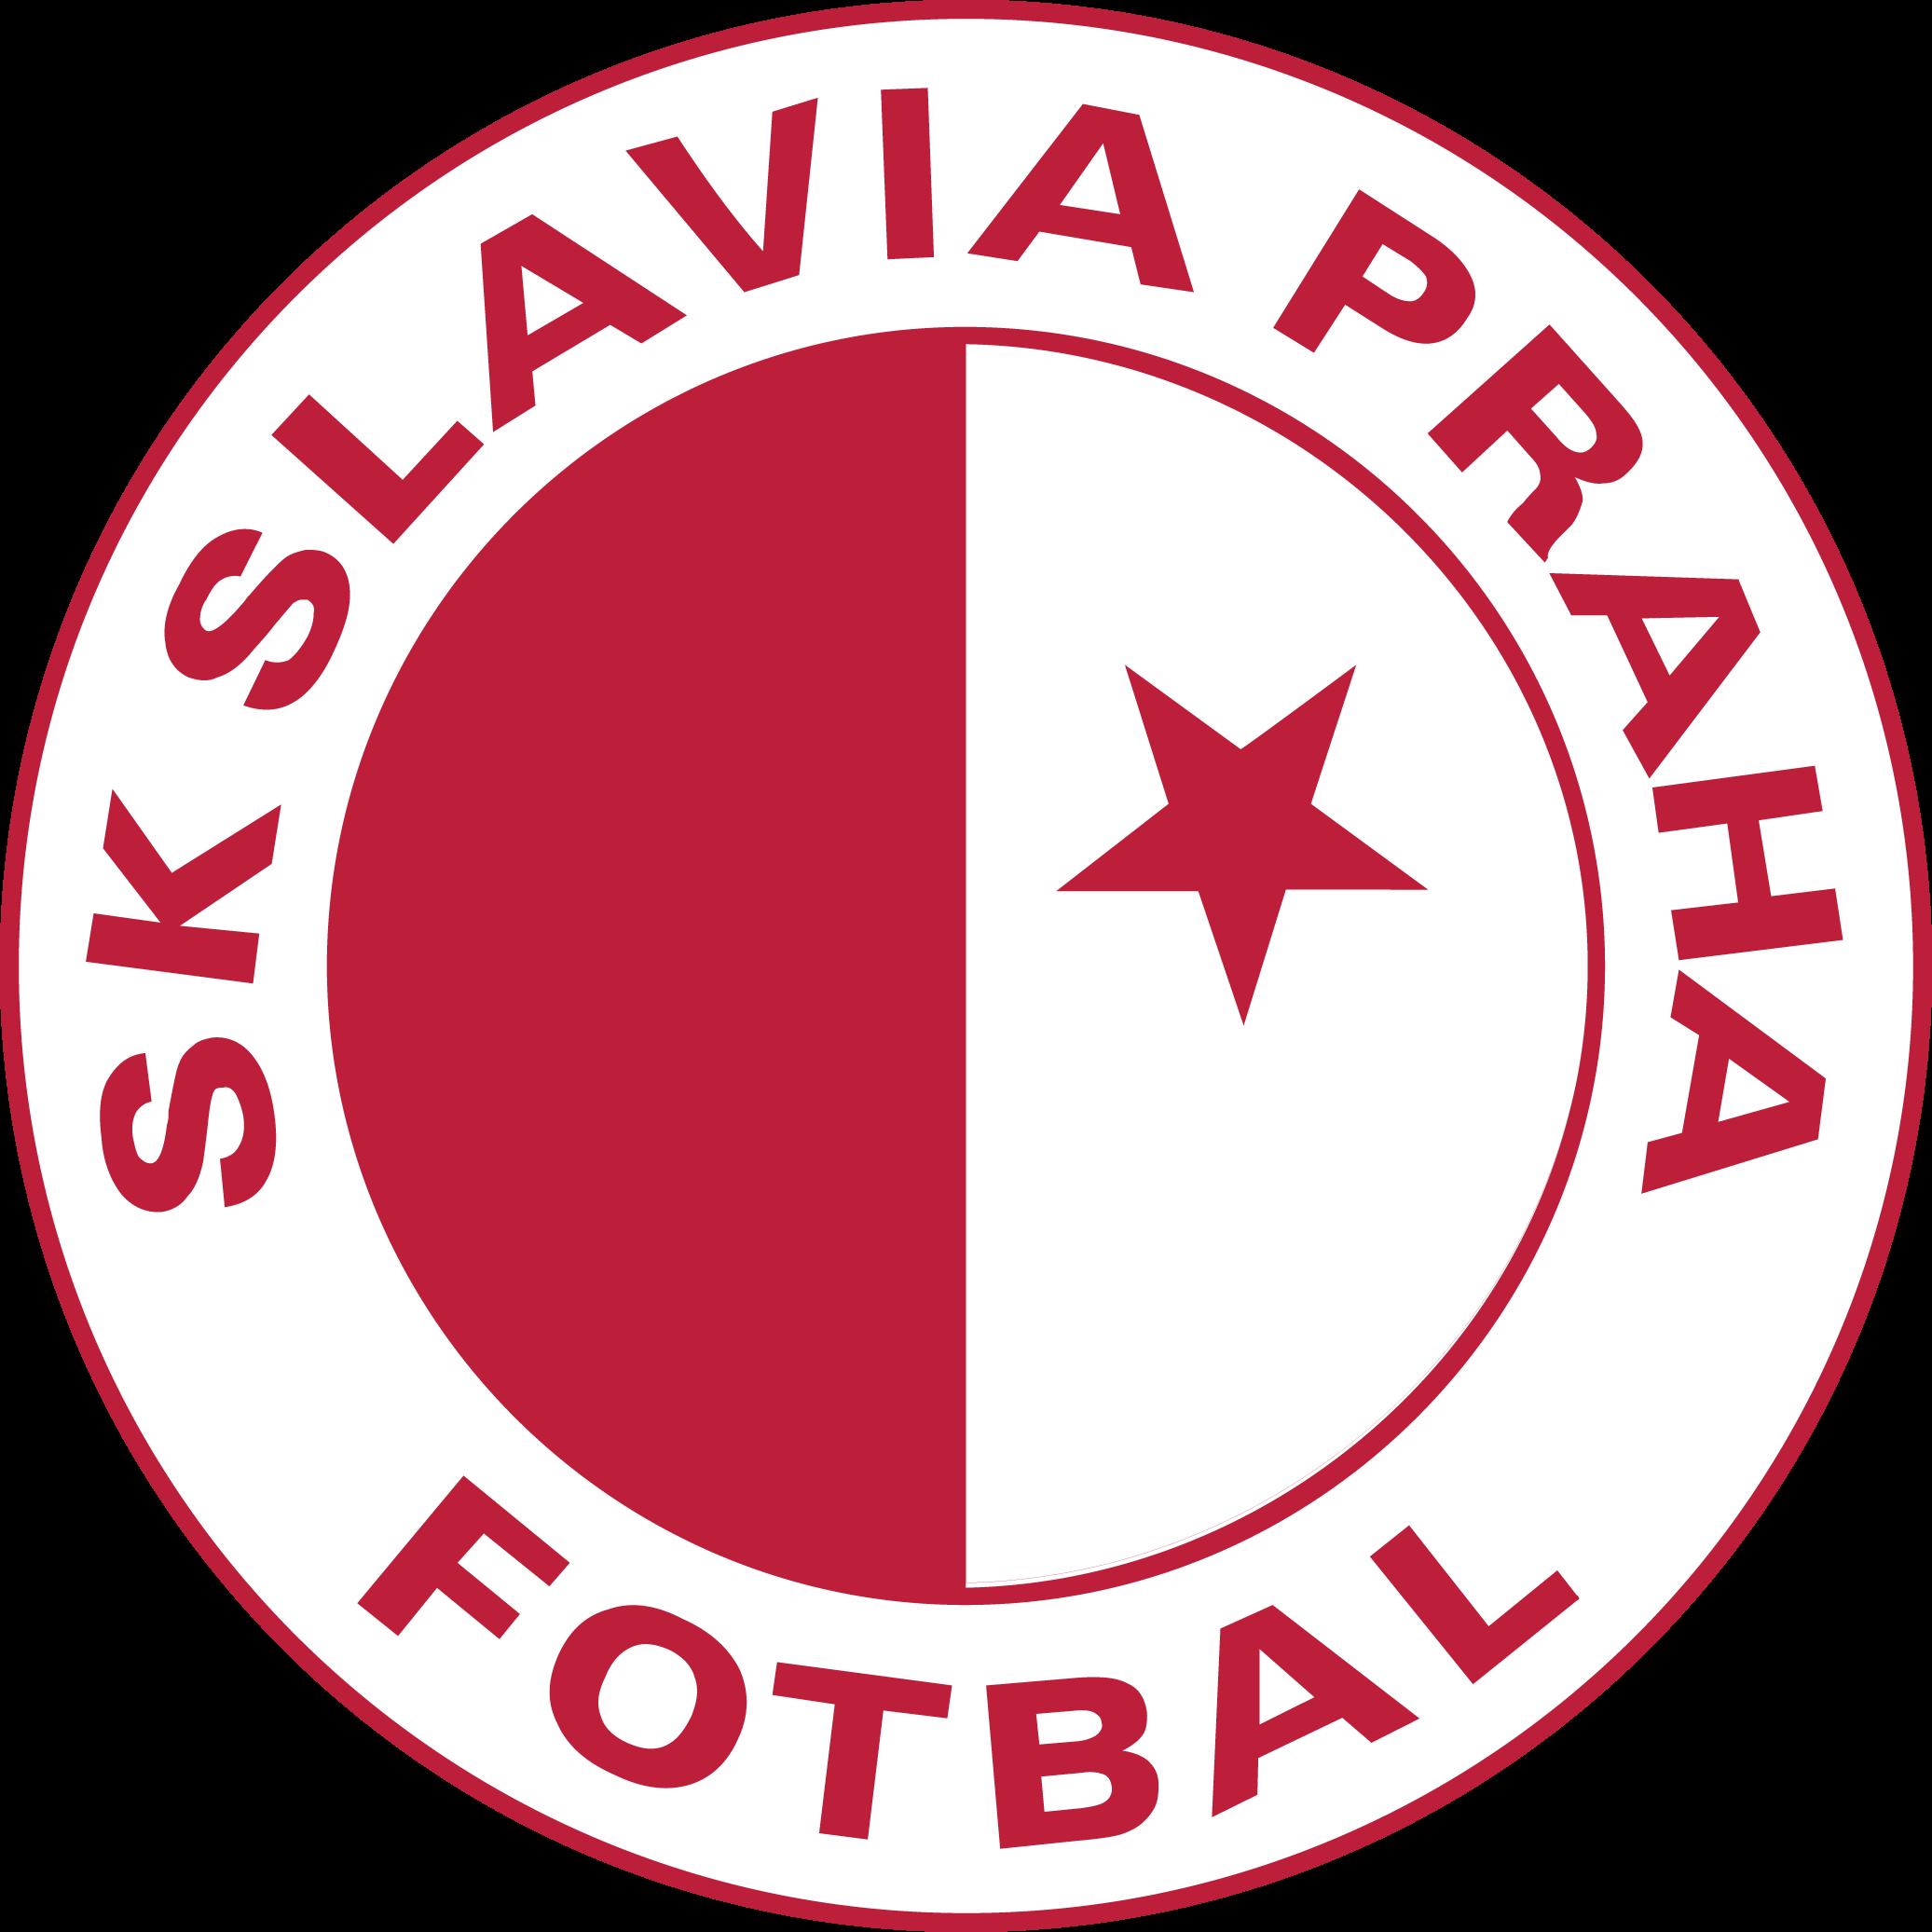 SK Slavia Praha Club badge, Prague, Historical logo